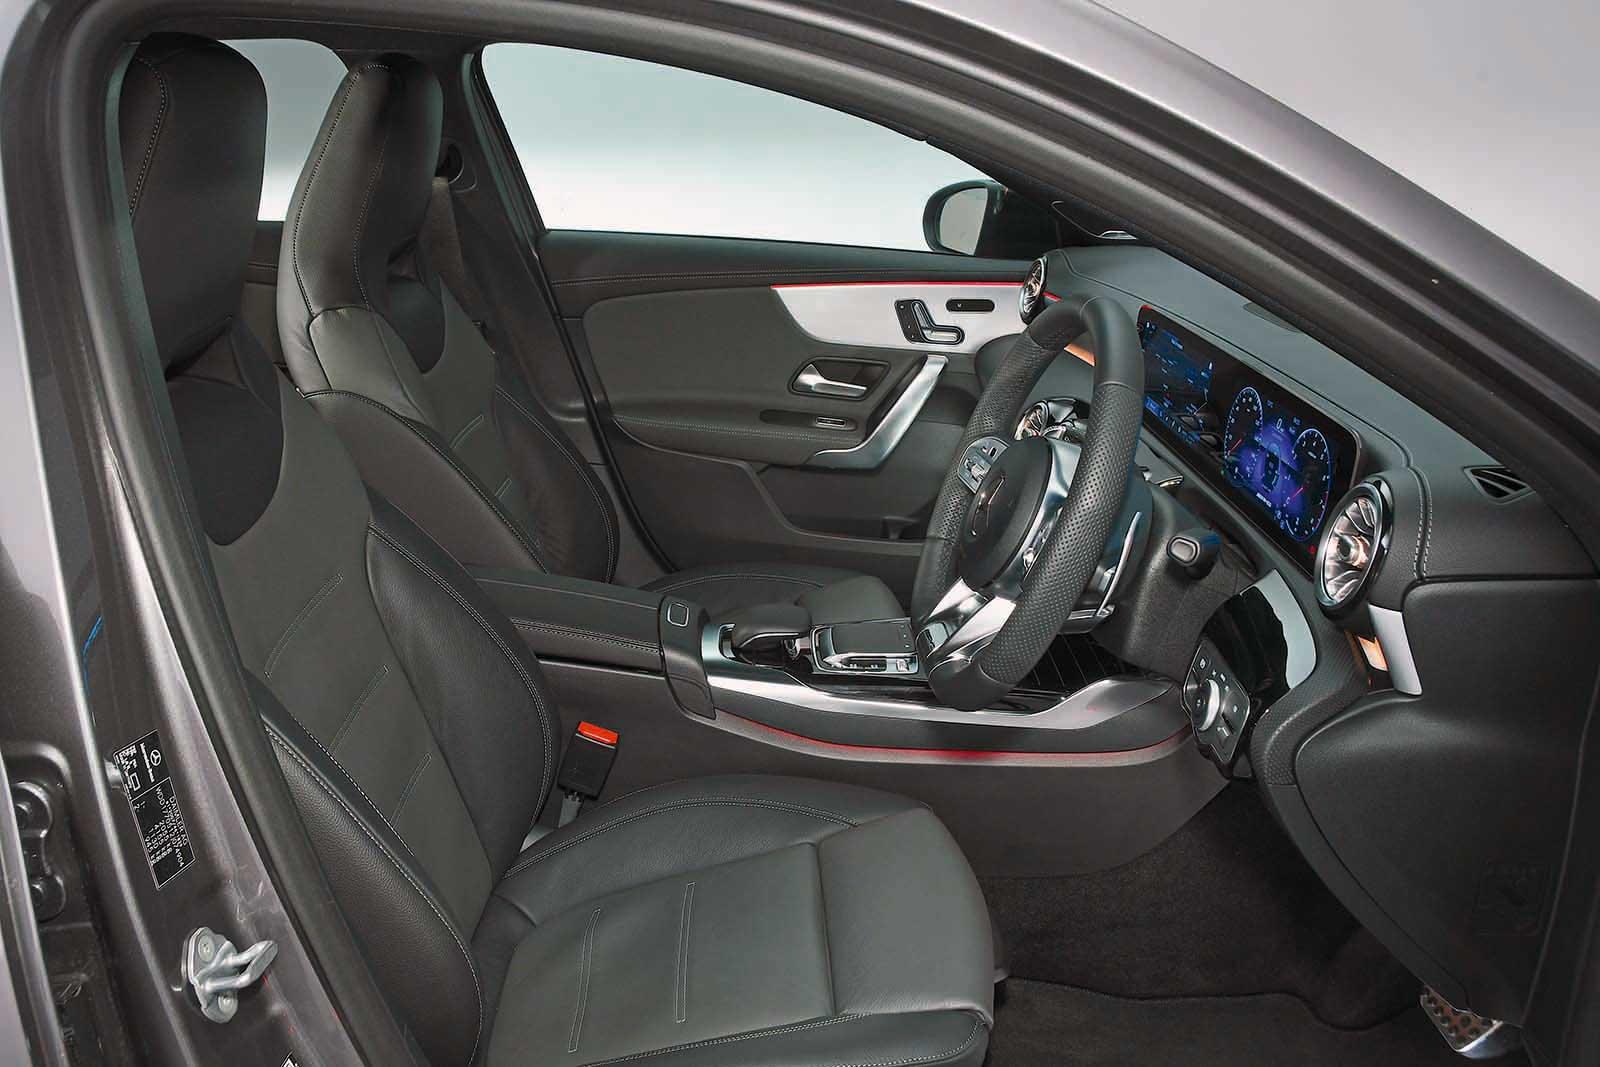 BMW M140i inside